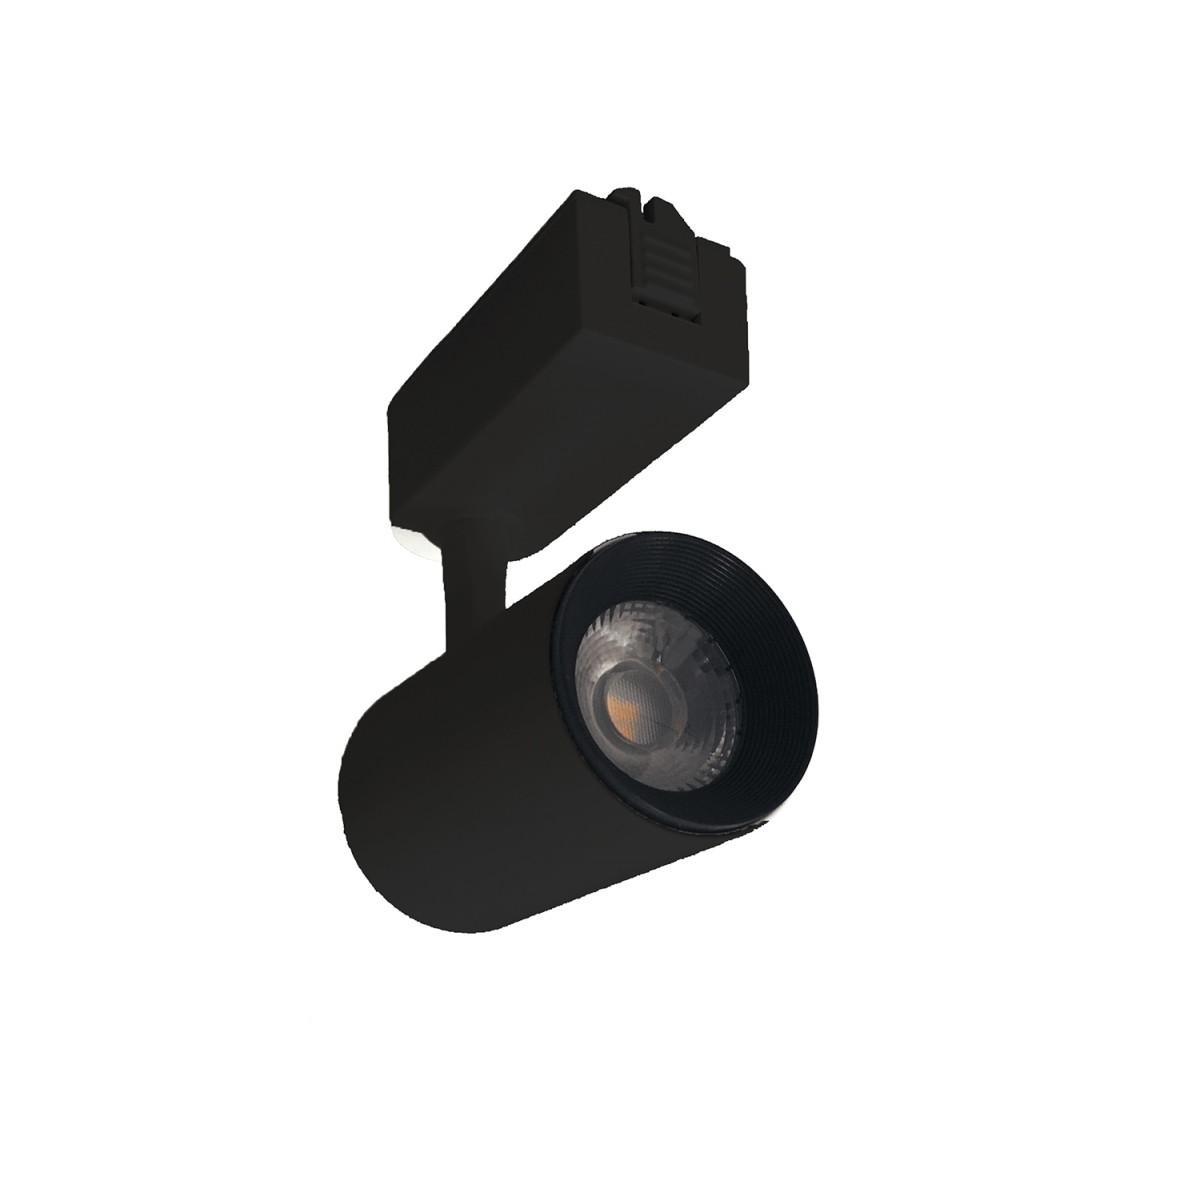 Kit 12x Spot Para Trilho Led 7W 3000K Preto Bivolt